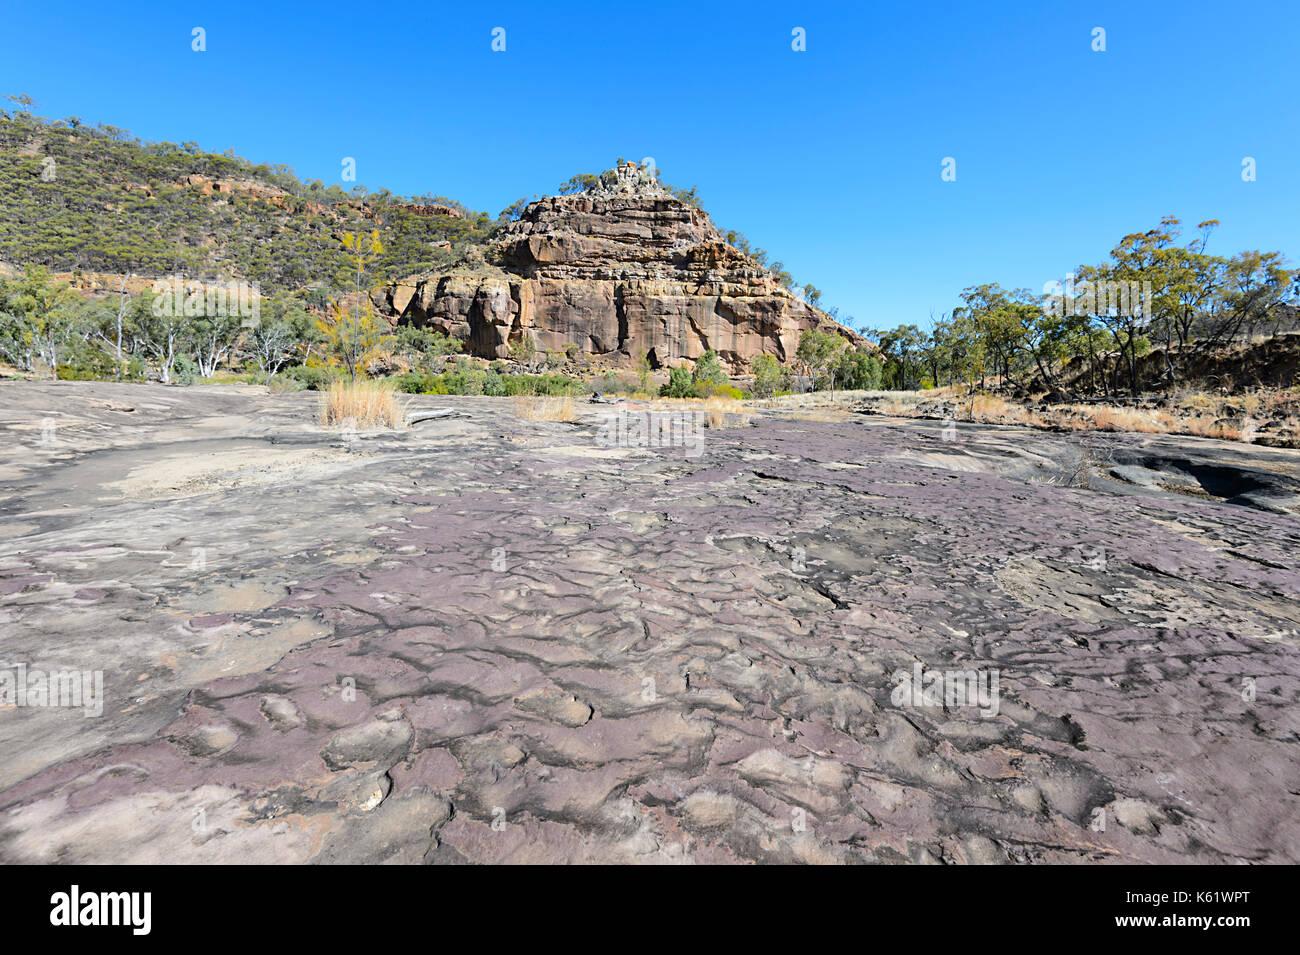 La pirámide erosionadas en el puercoespín Gorge National Park, Queensland, Queensland, Australia Foto de stock